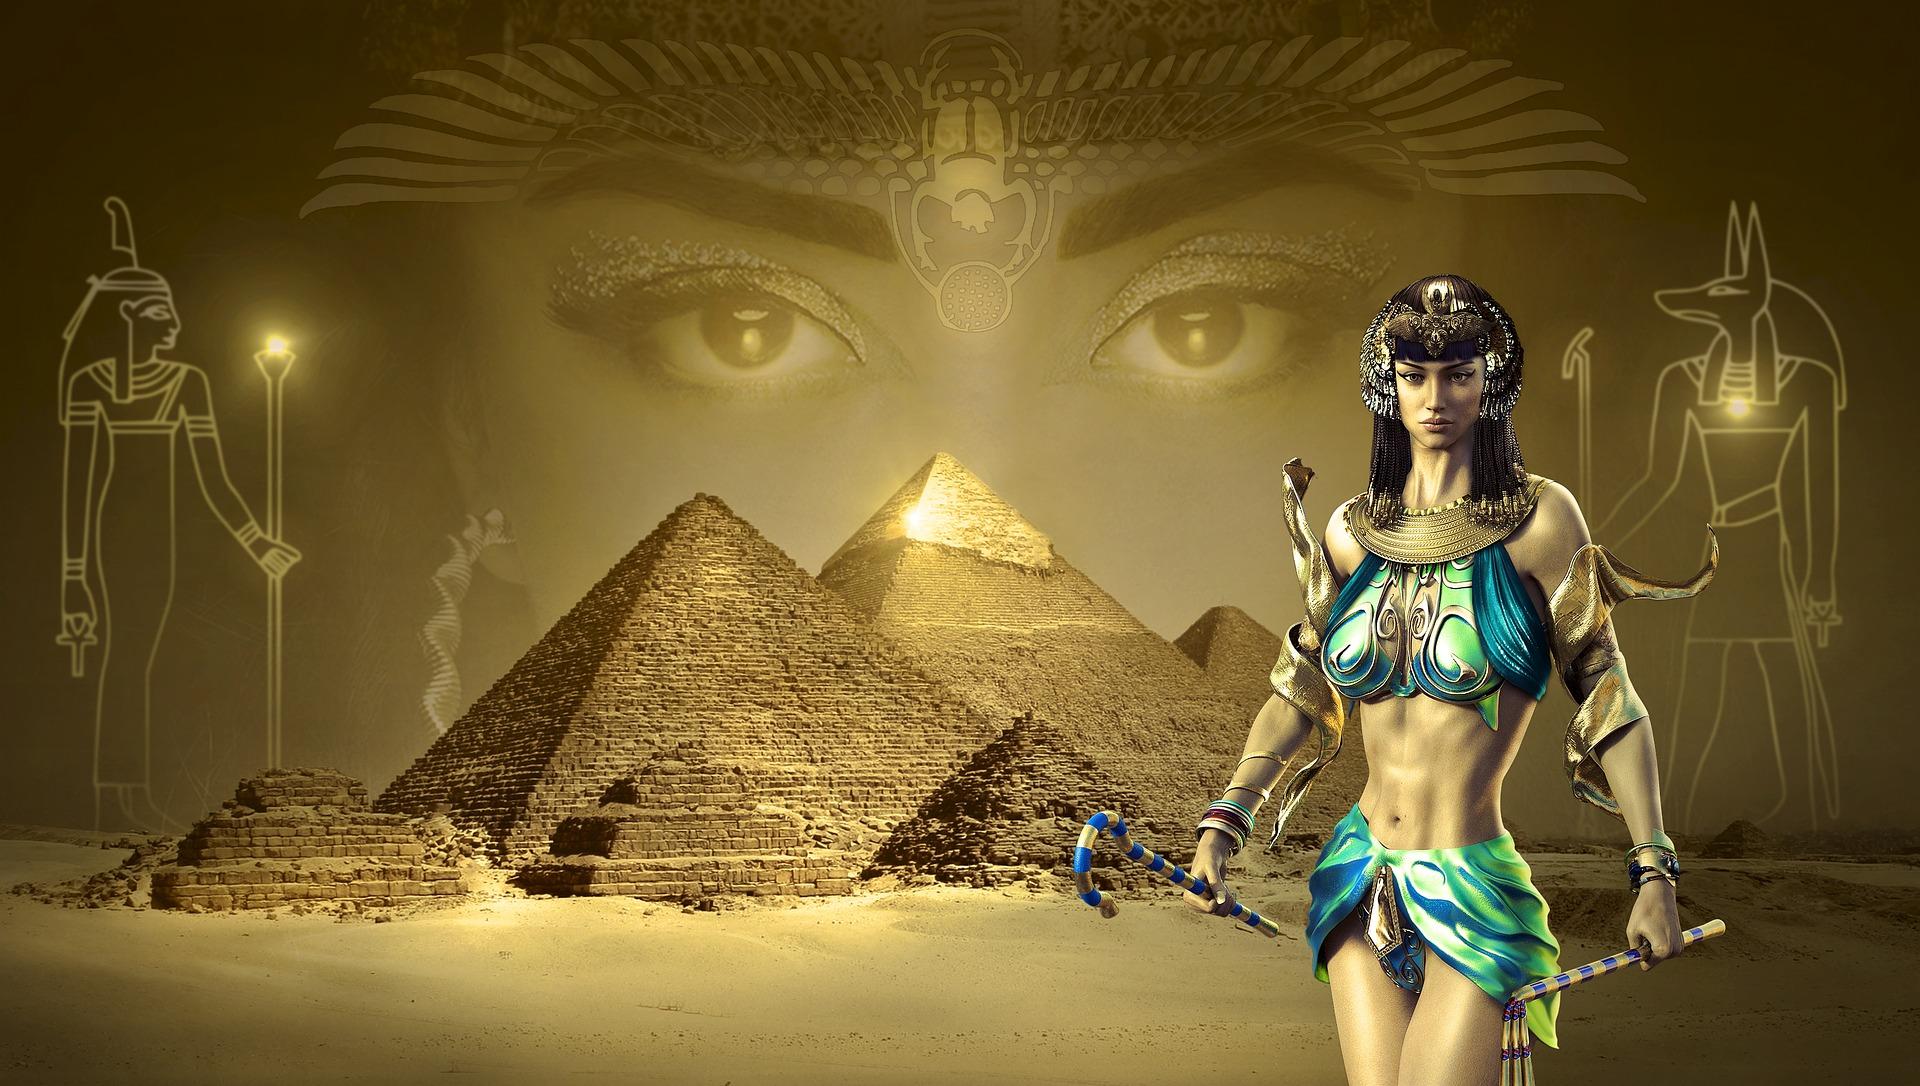 Pyramide mit Frau gold